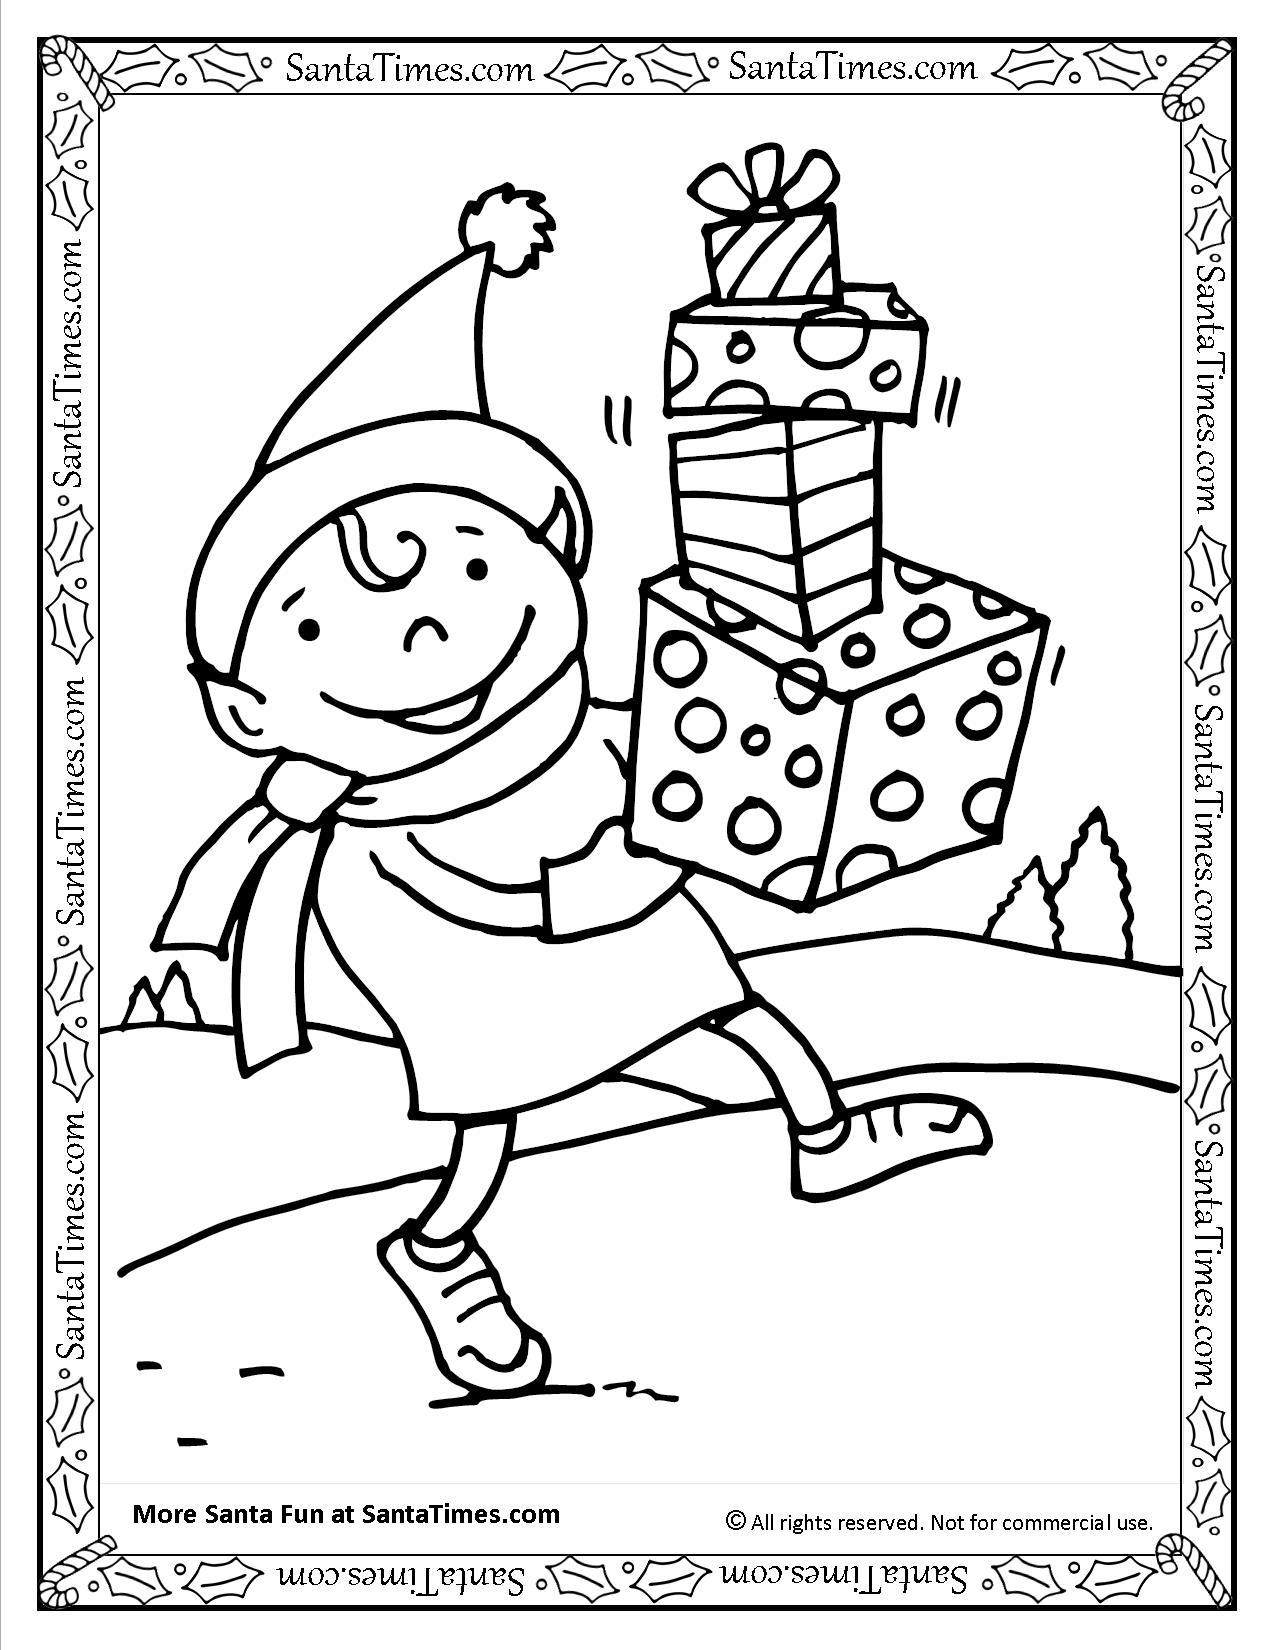 Santa's Elf Printable Coloring Page